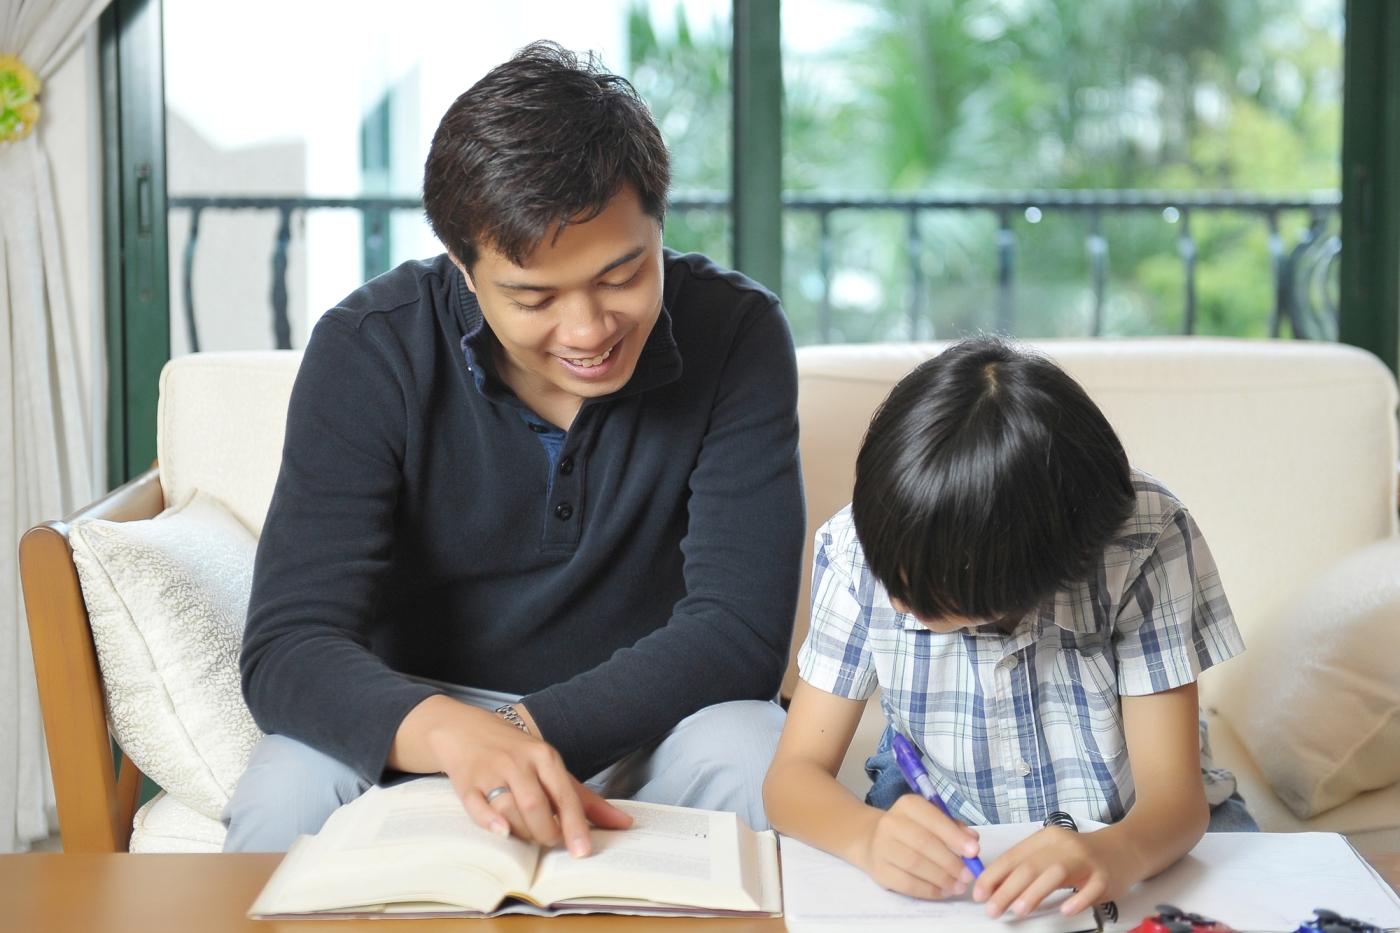 息子の勉強を見るお父さん